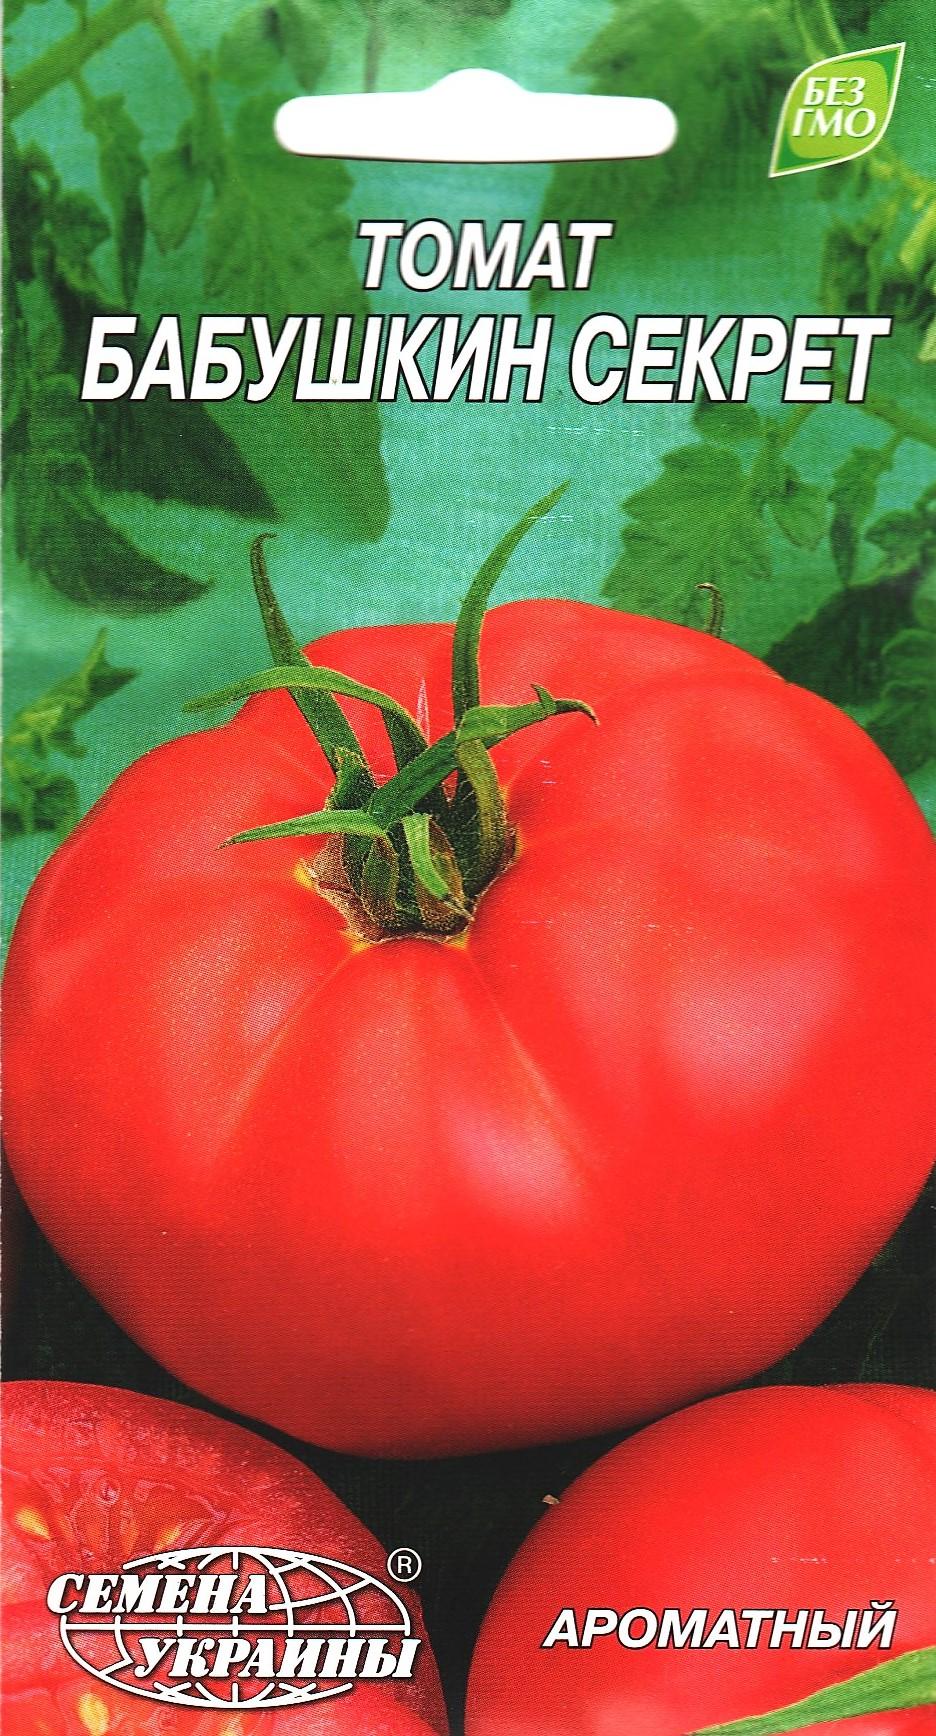 Сорт томата бабушкин подарок отзывы 34